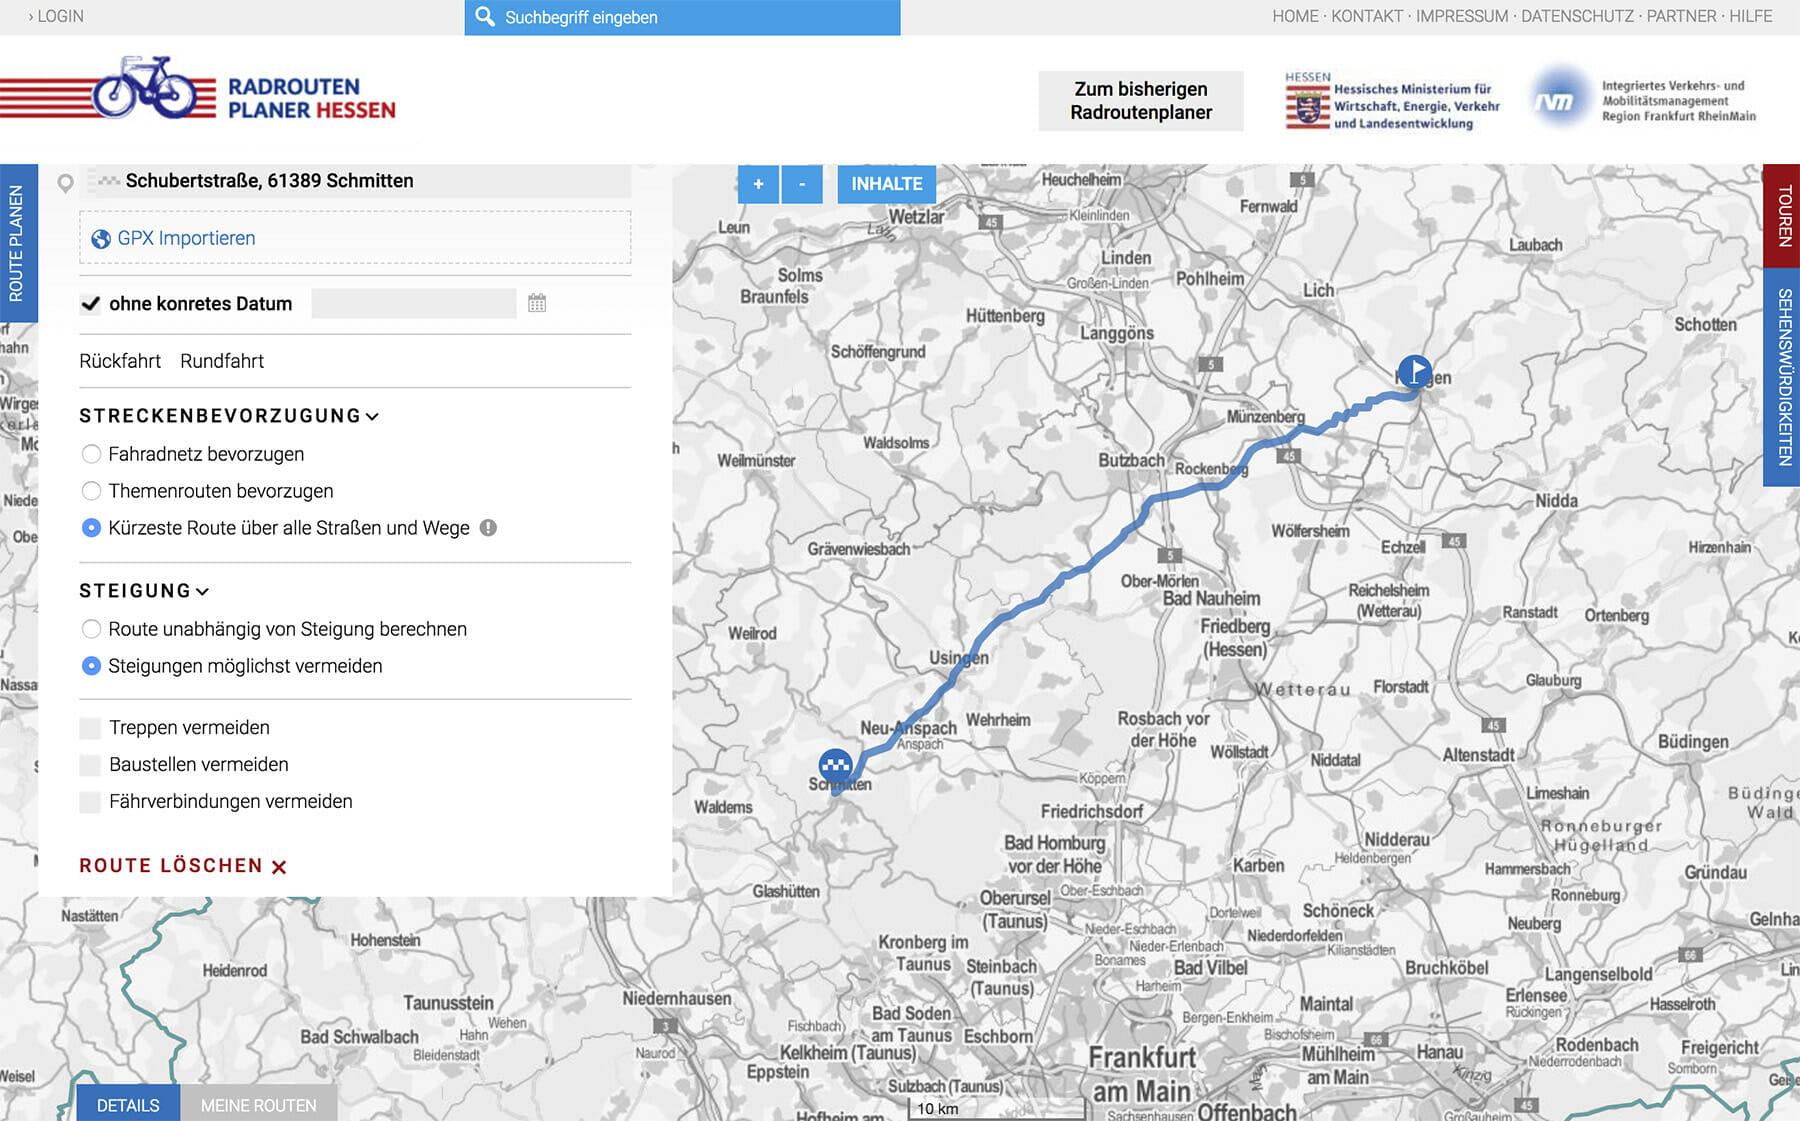 Screenshot Radroutenplaner Hessen